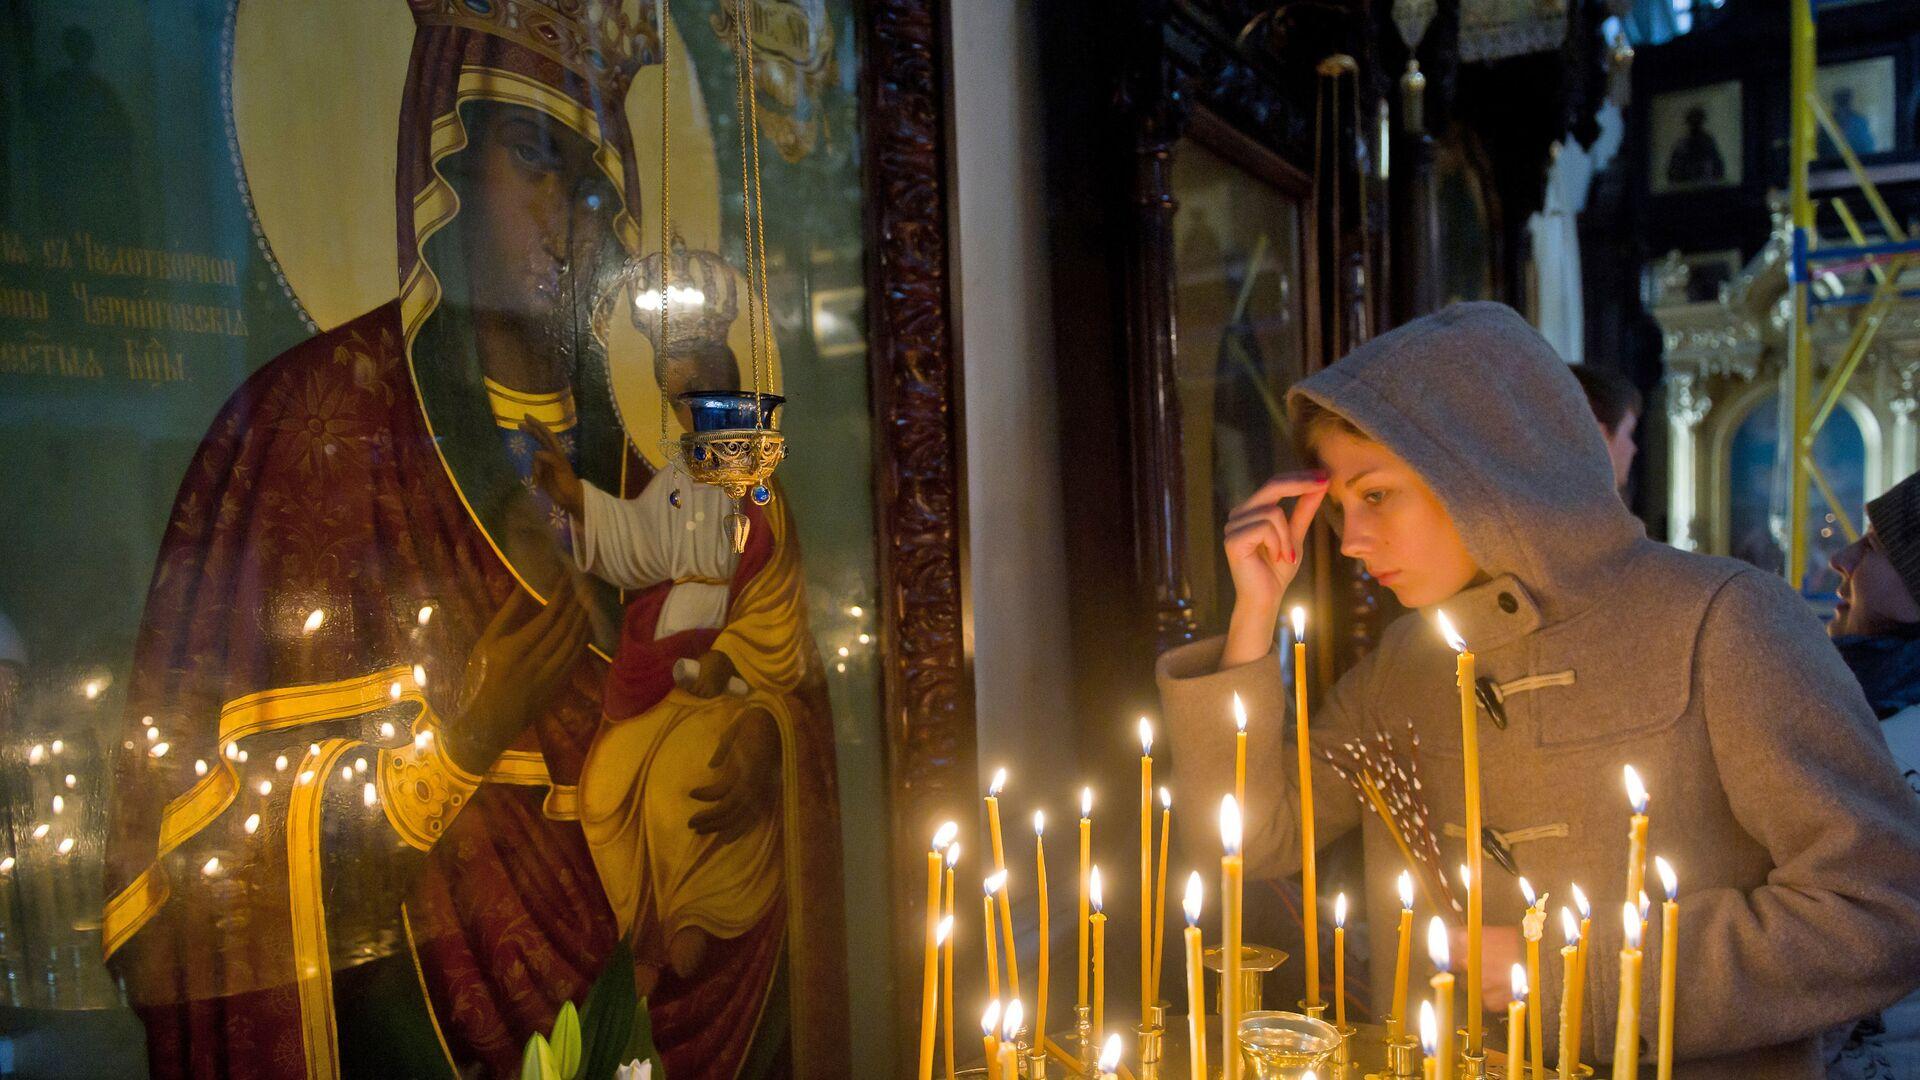 Прихожанка в церкви у иконы Божьей матери - Sputnik Беларусь, 1920, 12.10.2021